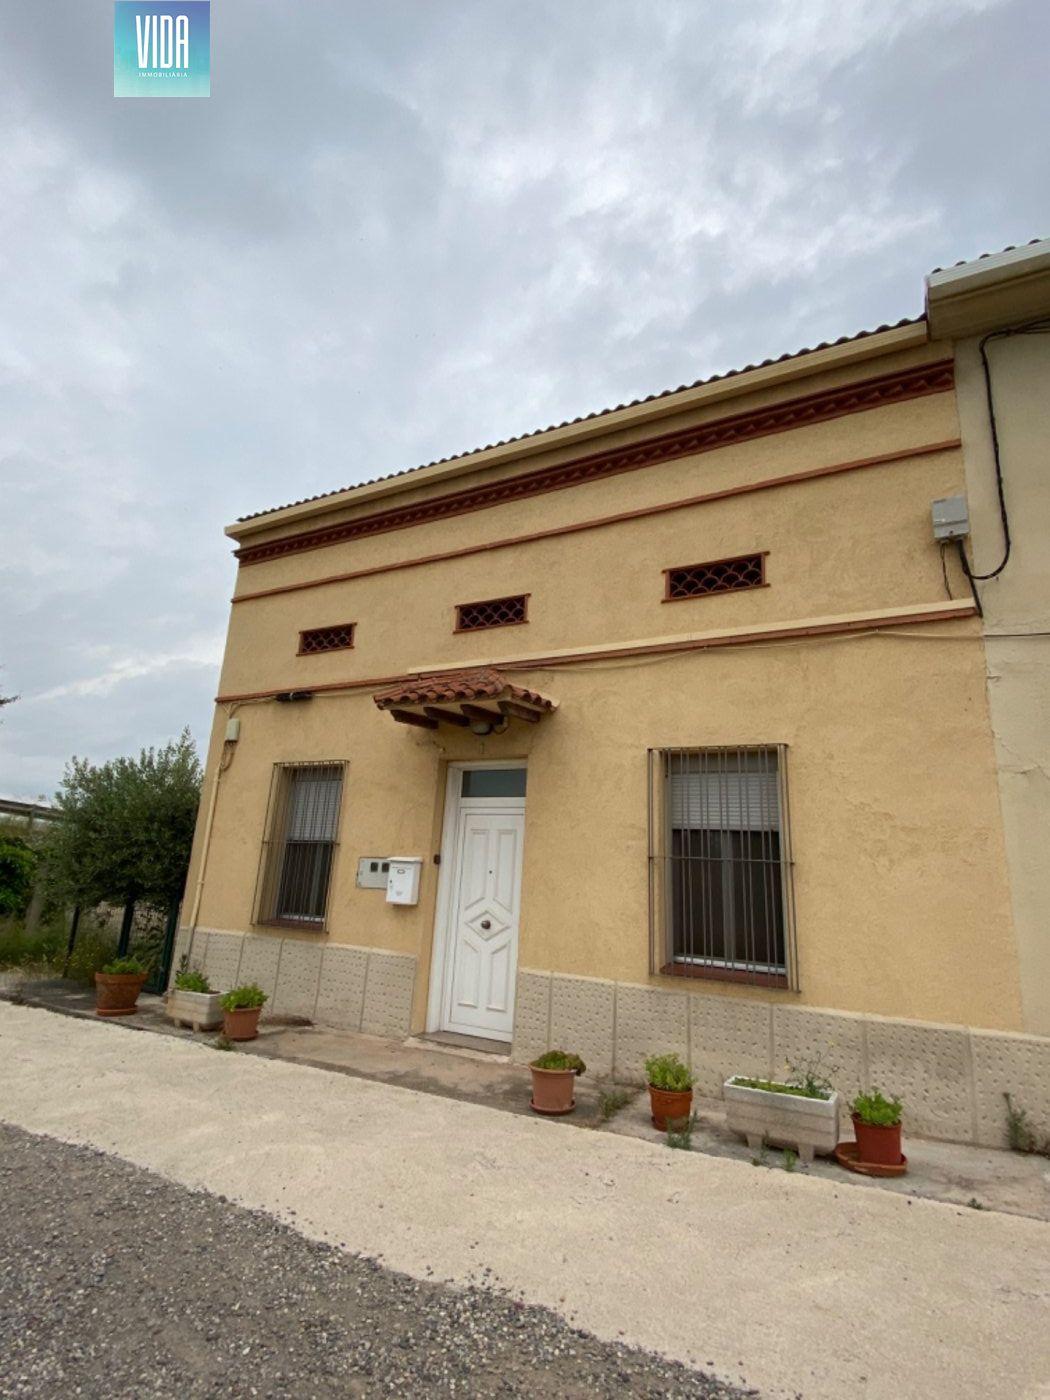 Casa a la venta en Manresa  entre el Poal y Pineda.